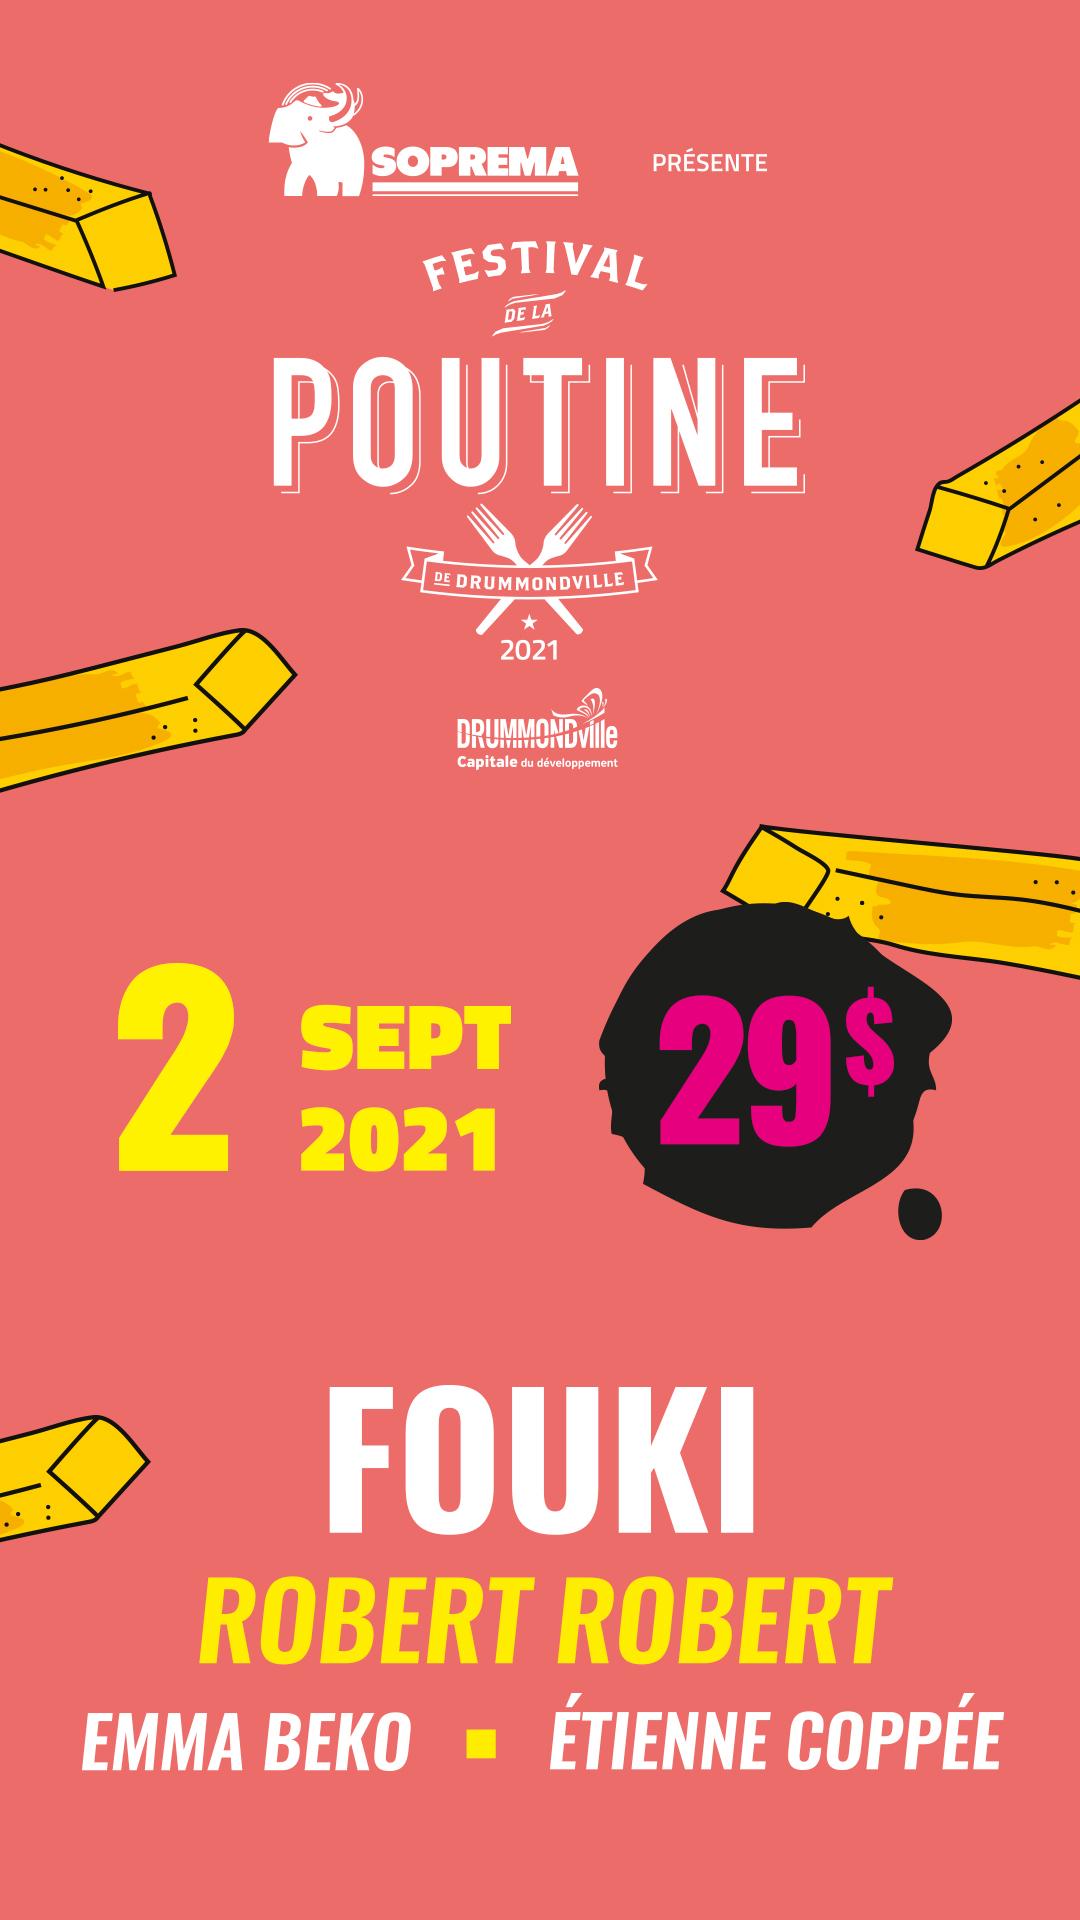 Festival de la poutine 2021 Drummondville